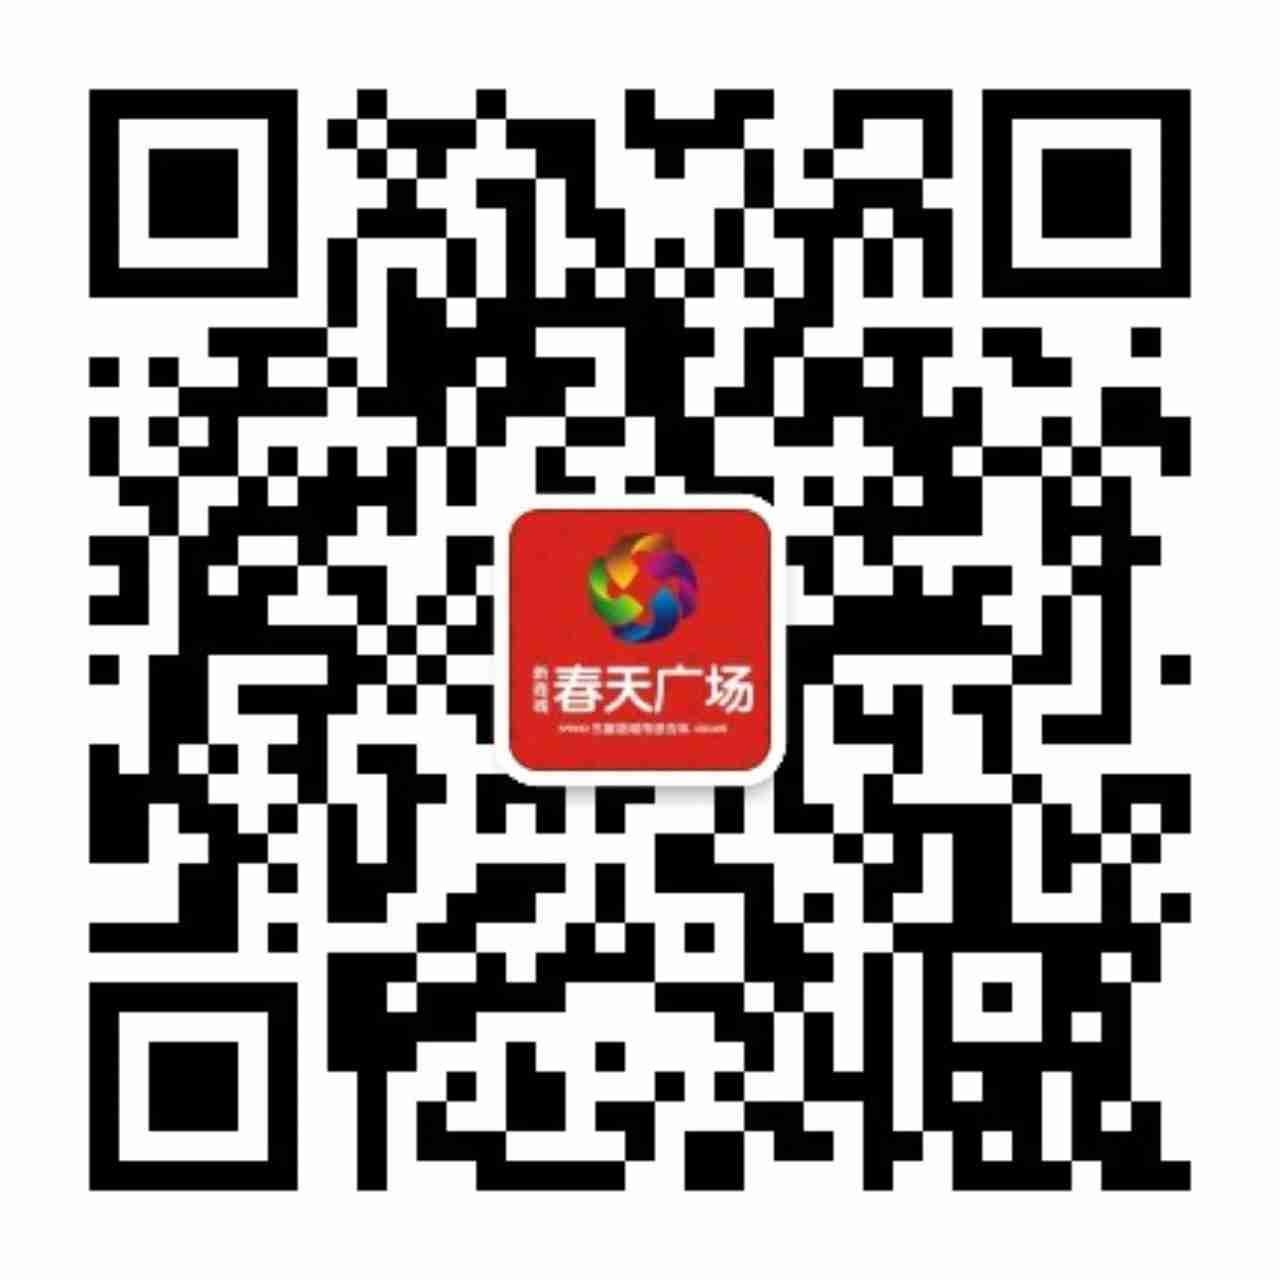 新商城・春天广场二维码